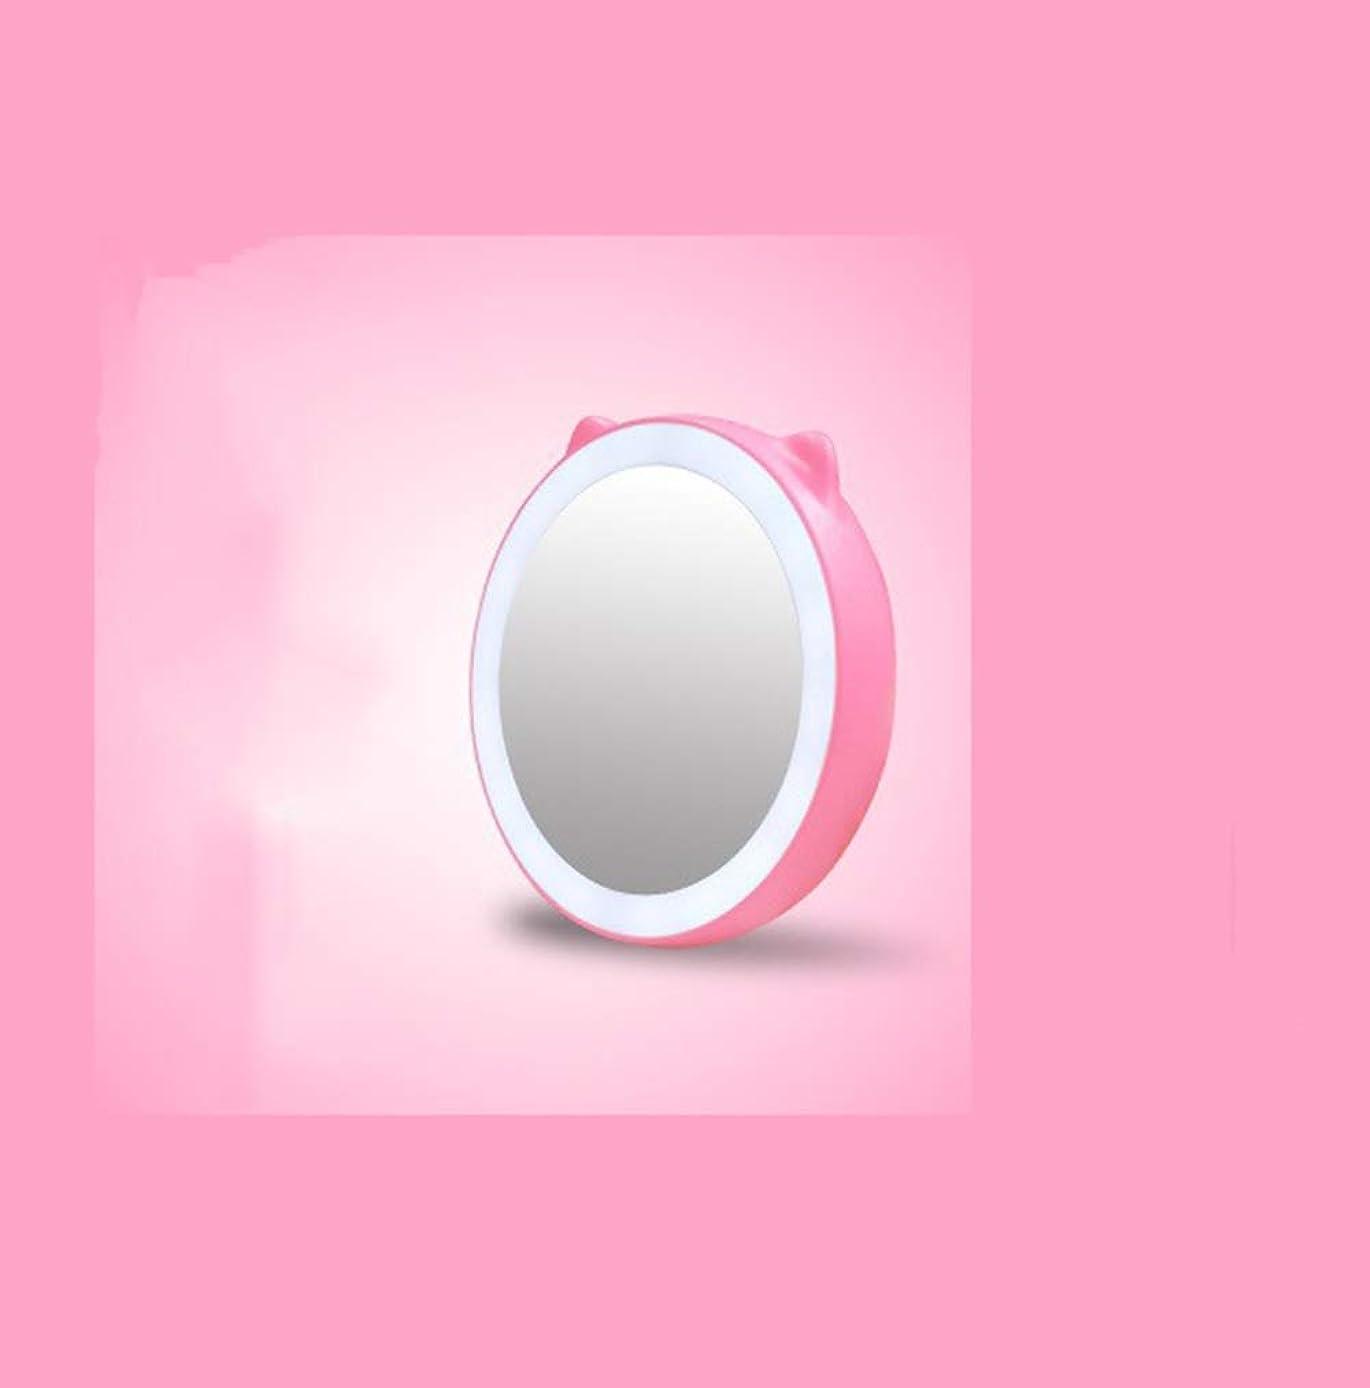 生産性変化オピエート化粧鏡ledフィルミラー化粧鏡クリエイティブギフト化粧鏡付き光収納ギフトポータブル美容ミラー (Edition : Pink 1500mAH)